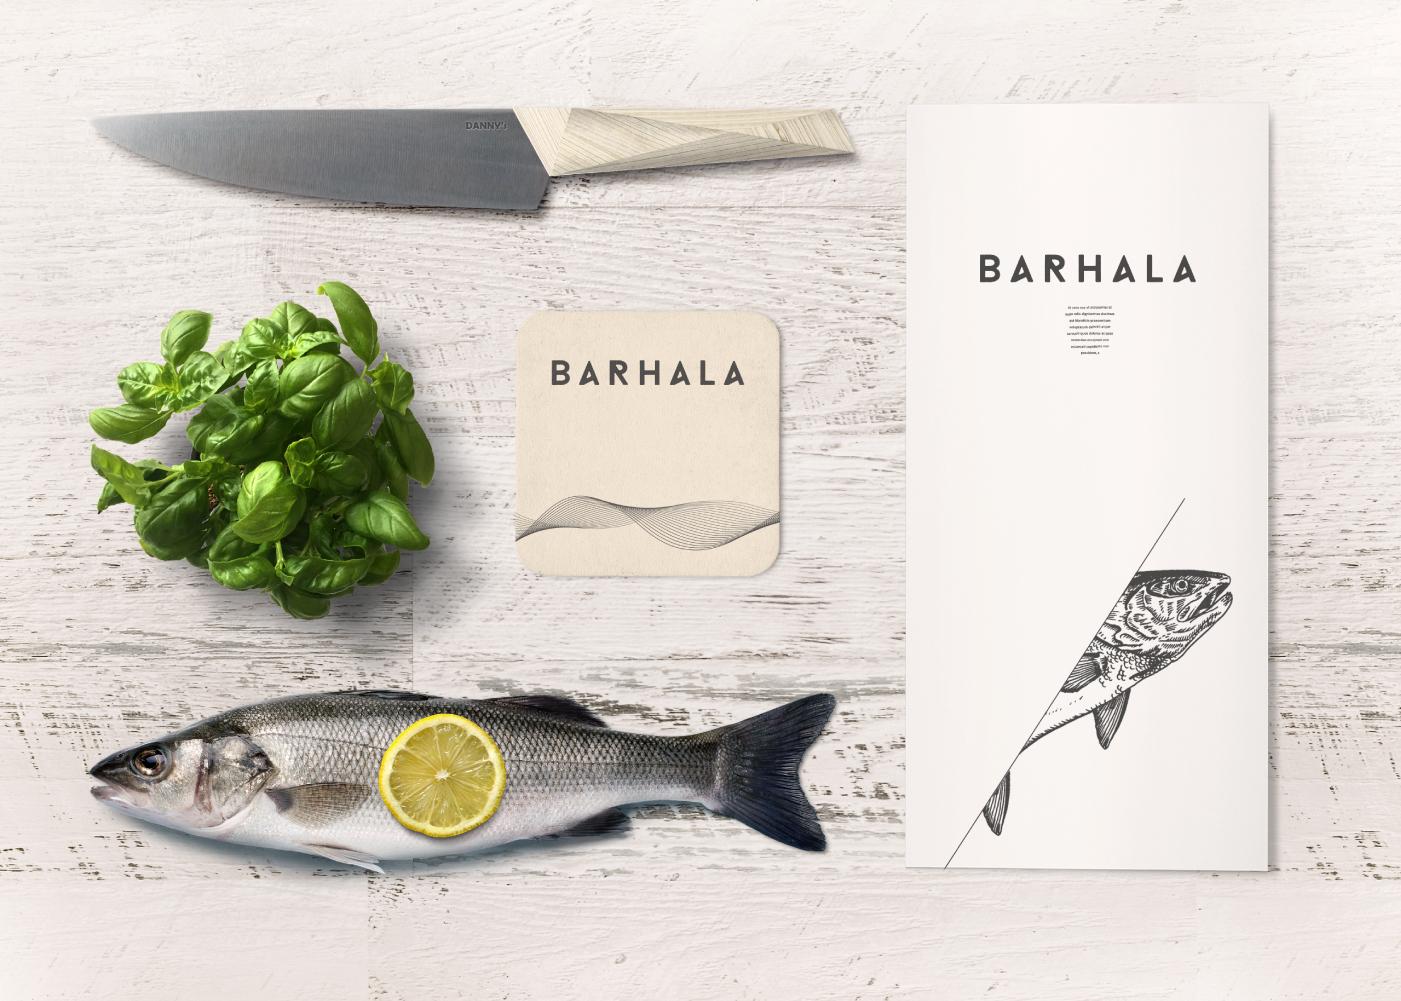 barhala-papelería-marca-menu-1